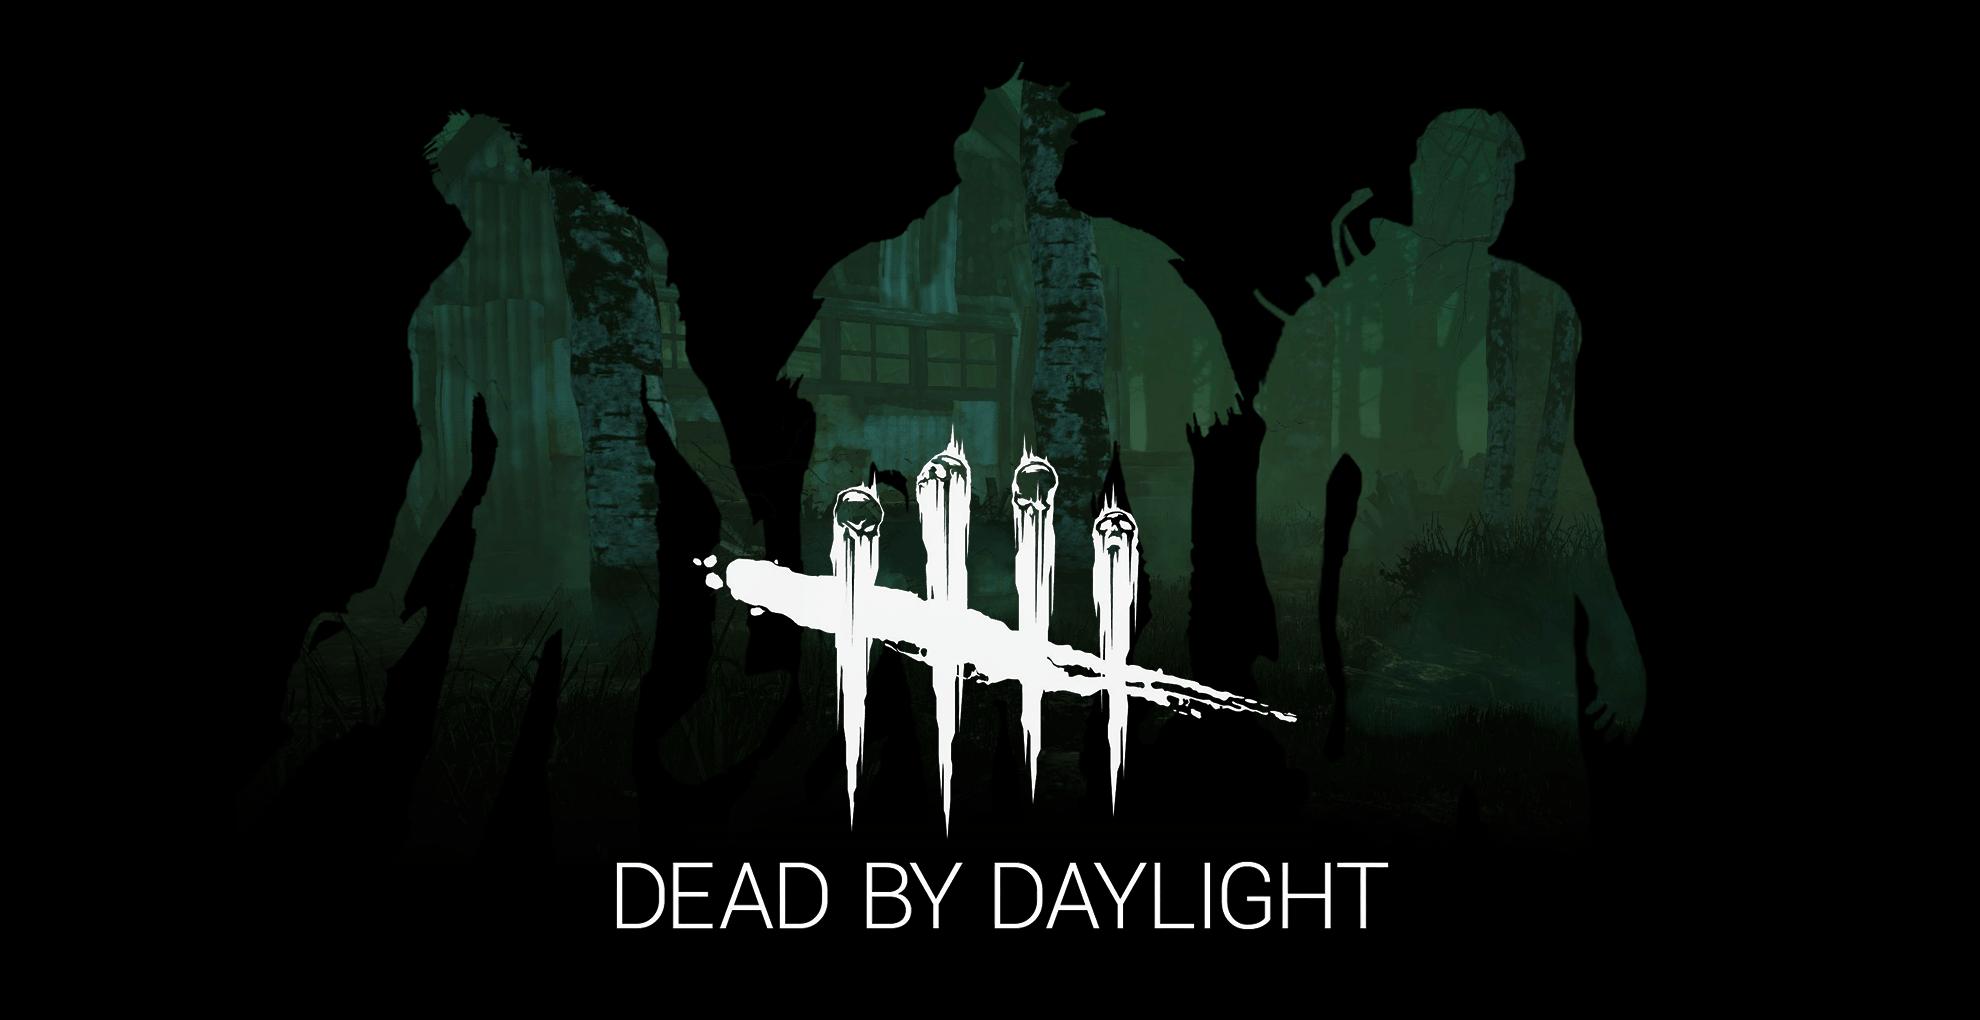 Dead By Daylight Wallpaper: Dead By Daylight Wallpapers